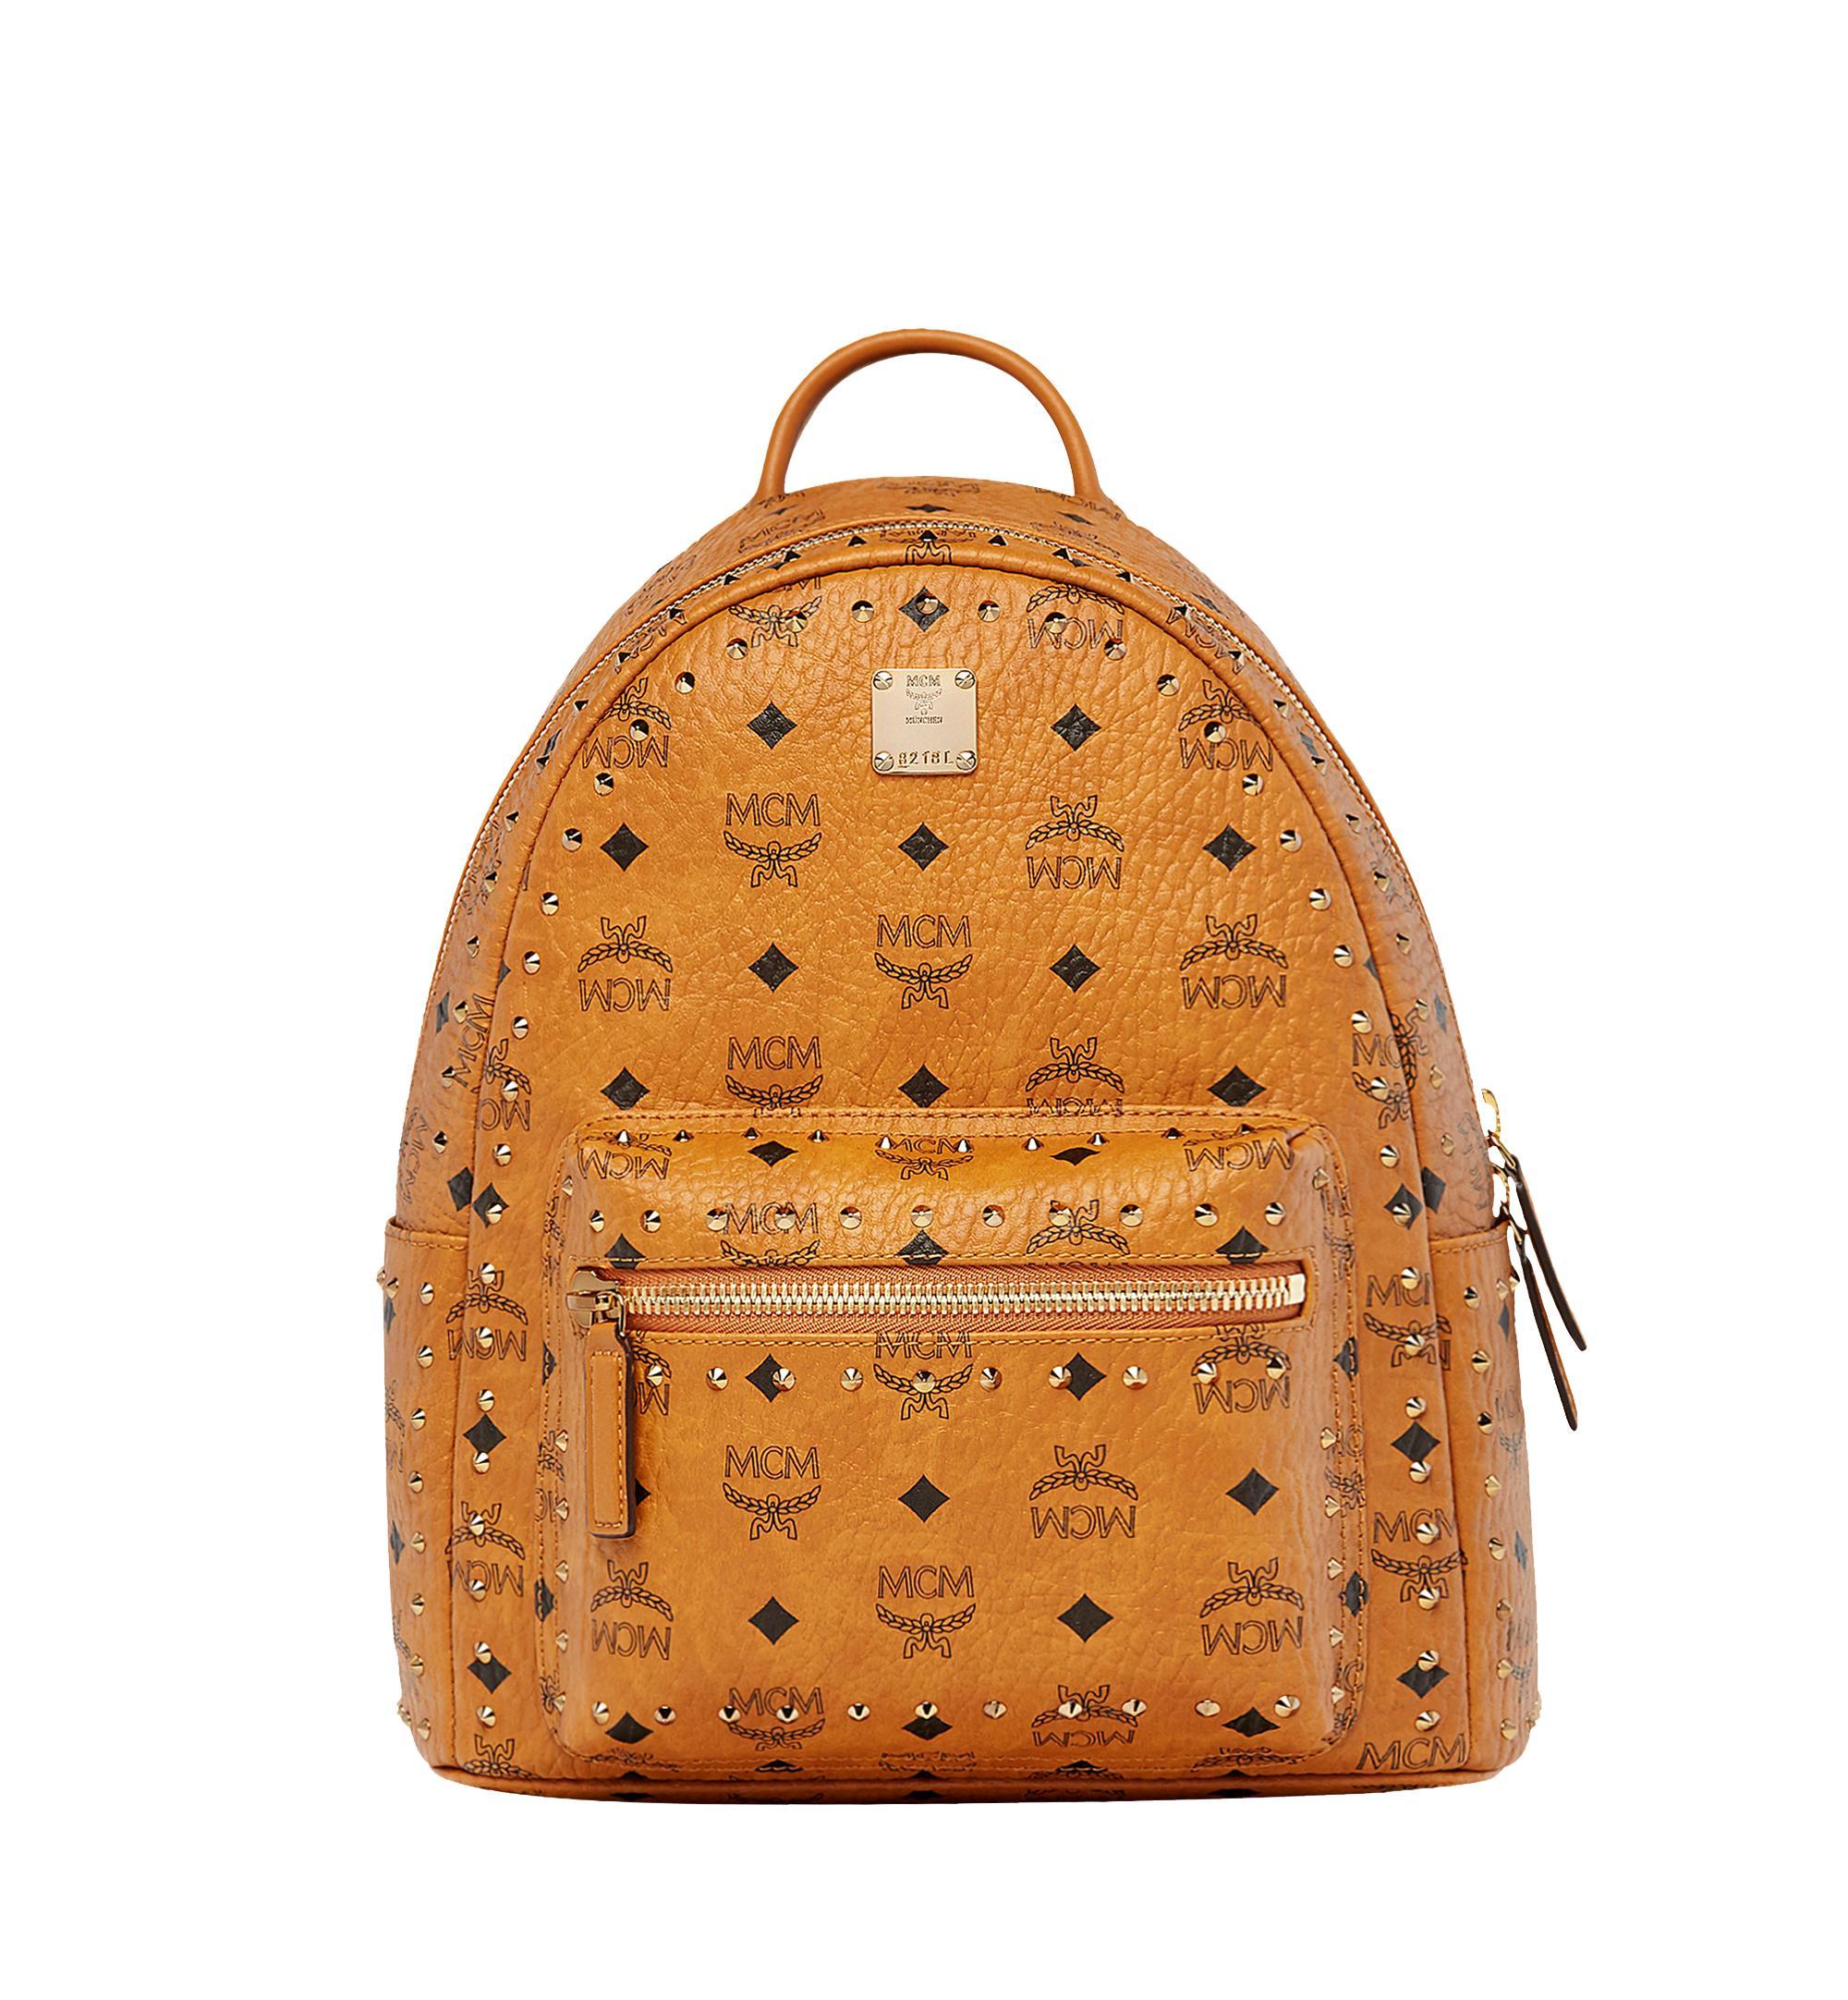 3f94b8959d2 MCM - Brown Stark Backpack In Gunta M Studs Visetos for Men - Lyst. View  fullscreen